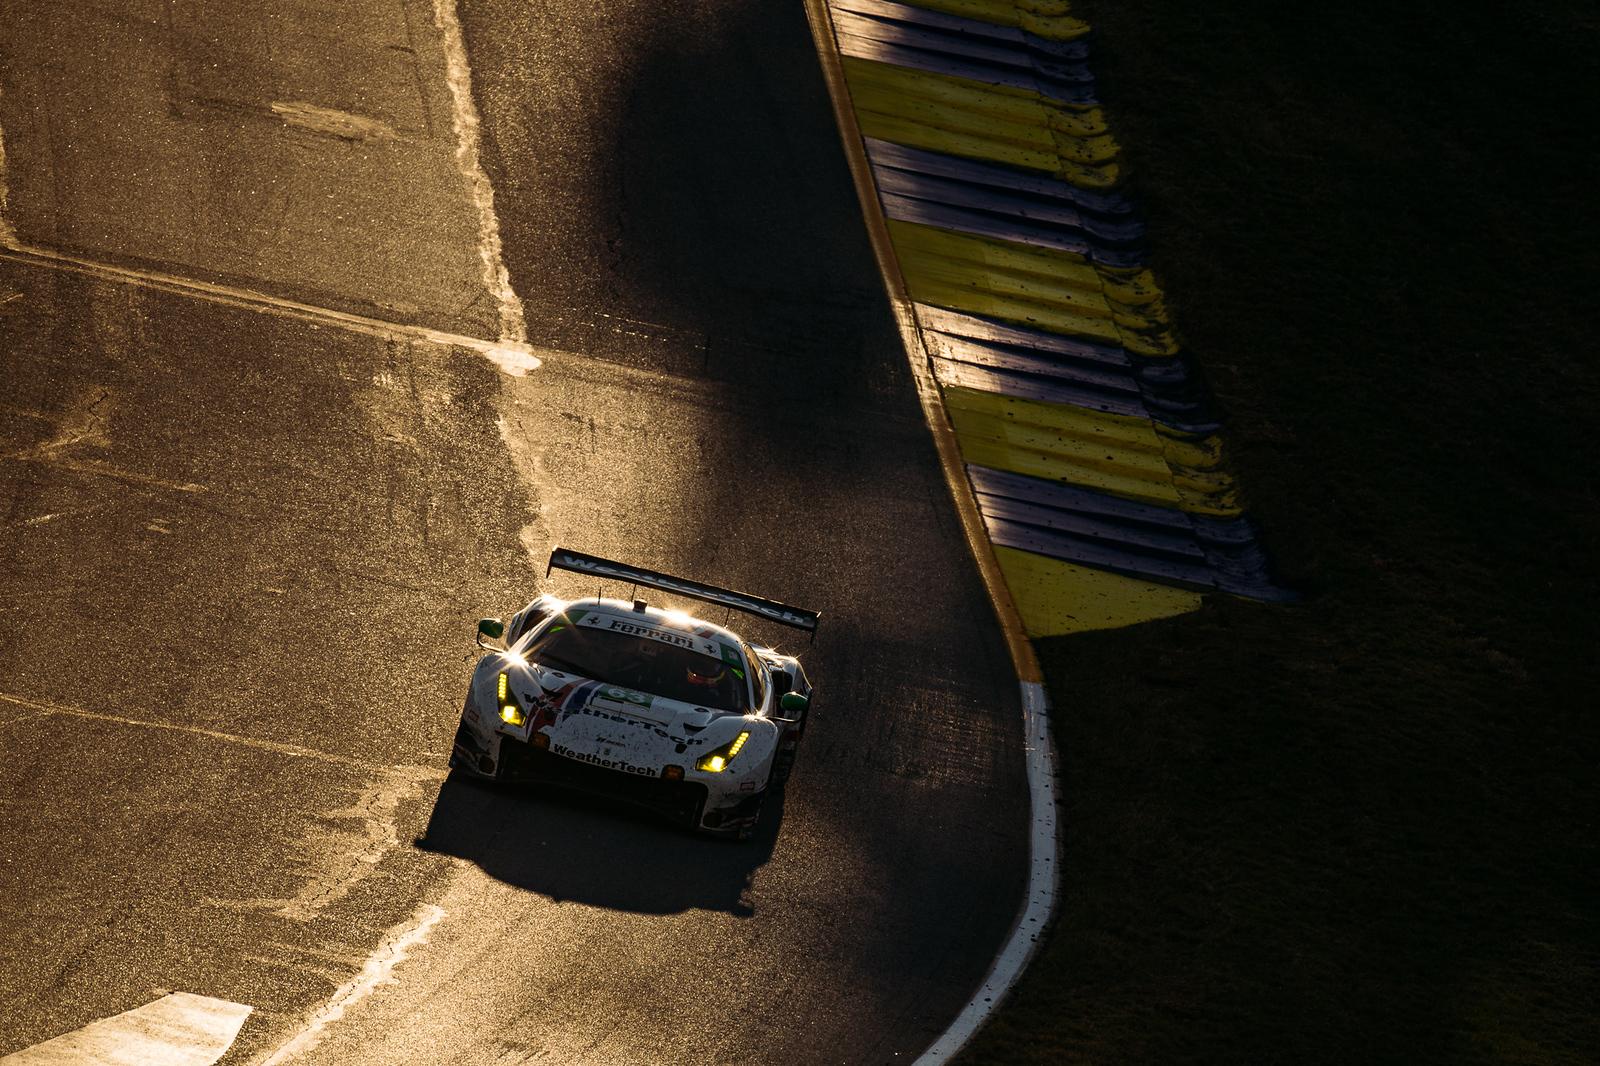 Ferrari rounding turn.